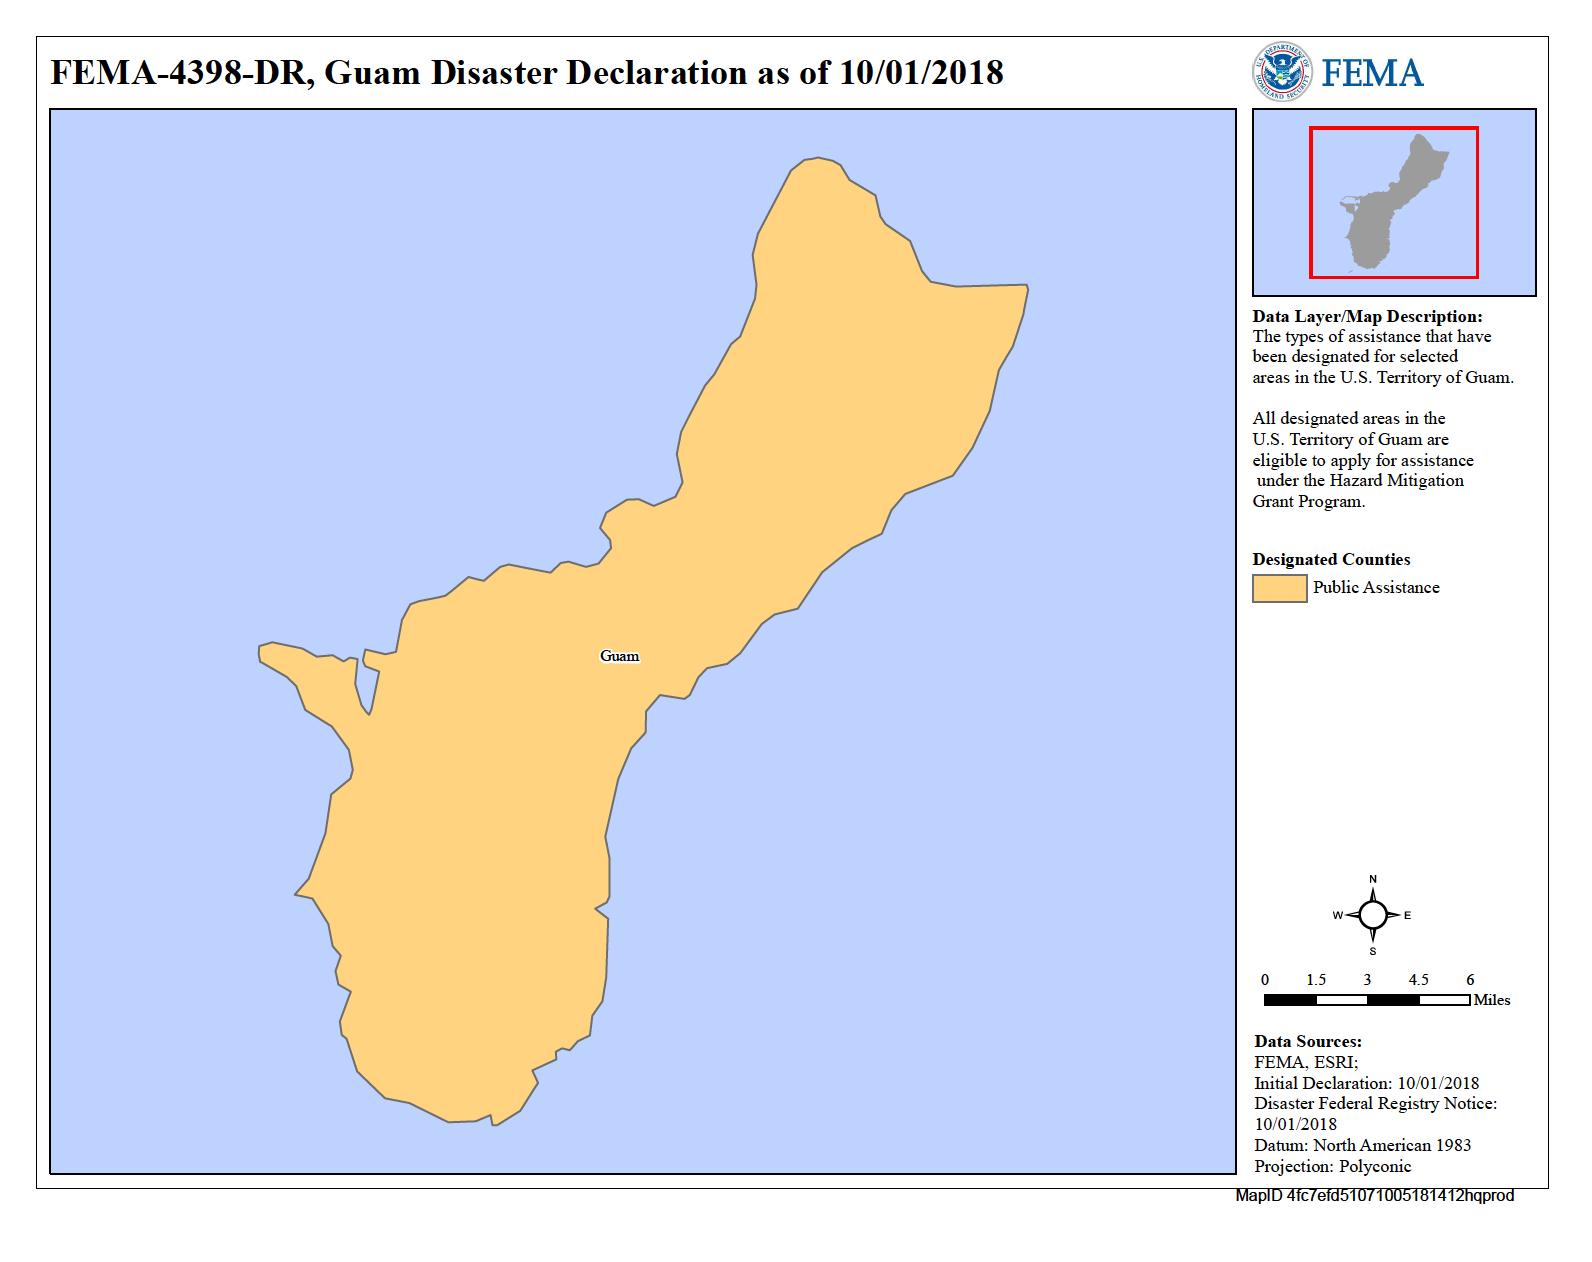 FEMA Declared disaster relief